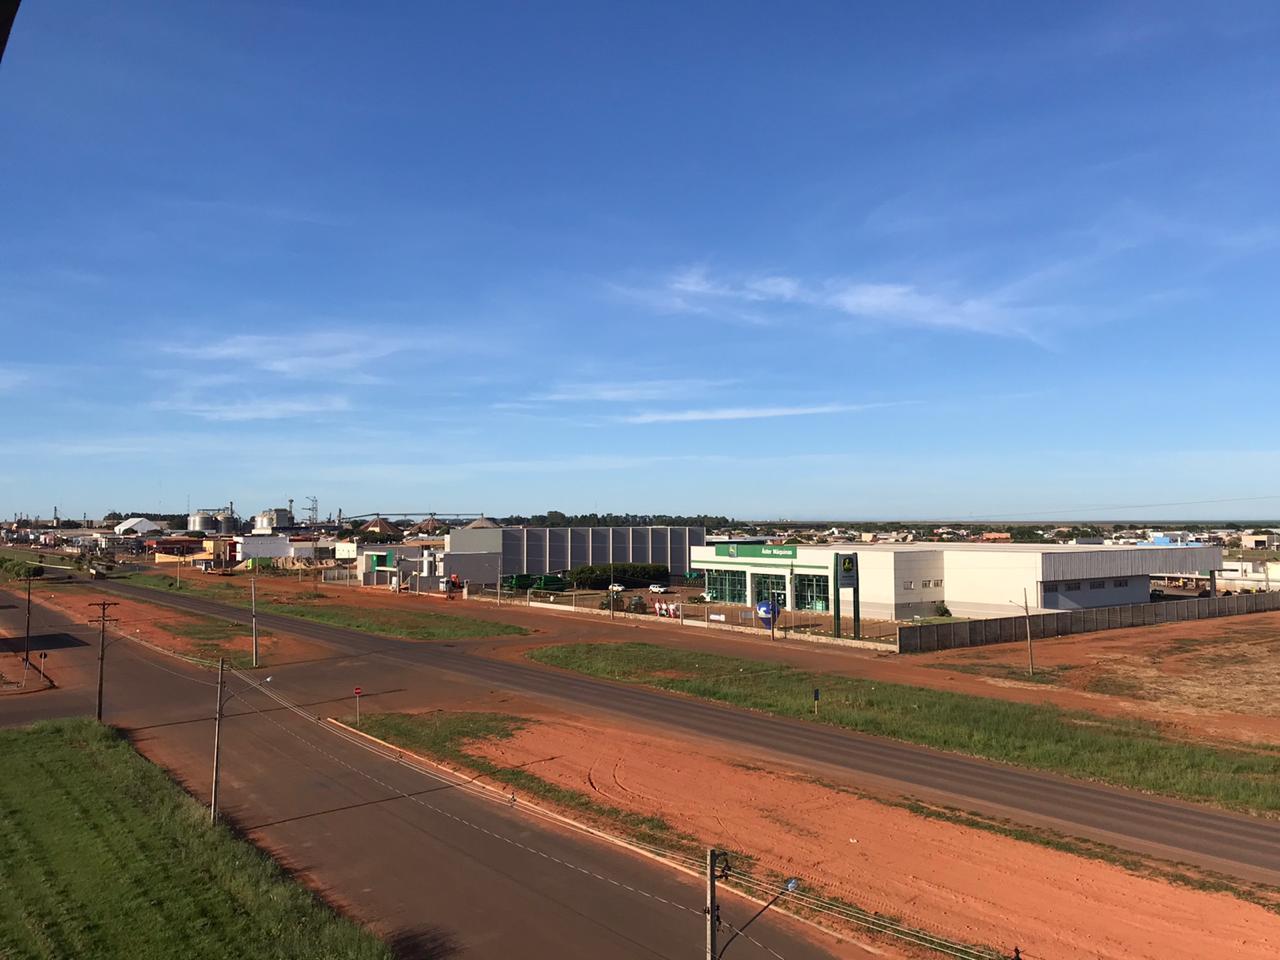 Emilia, Campo Novo de Parecis, Mato Grosso, 2020.